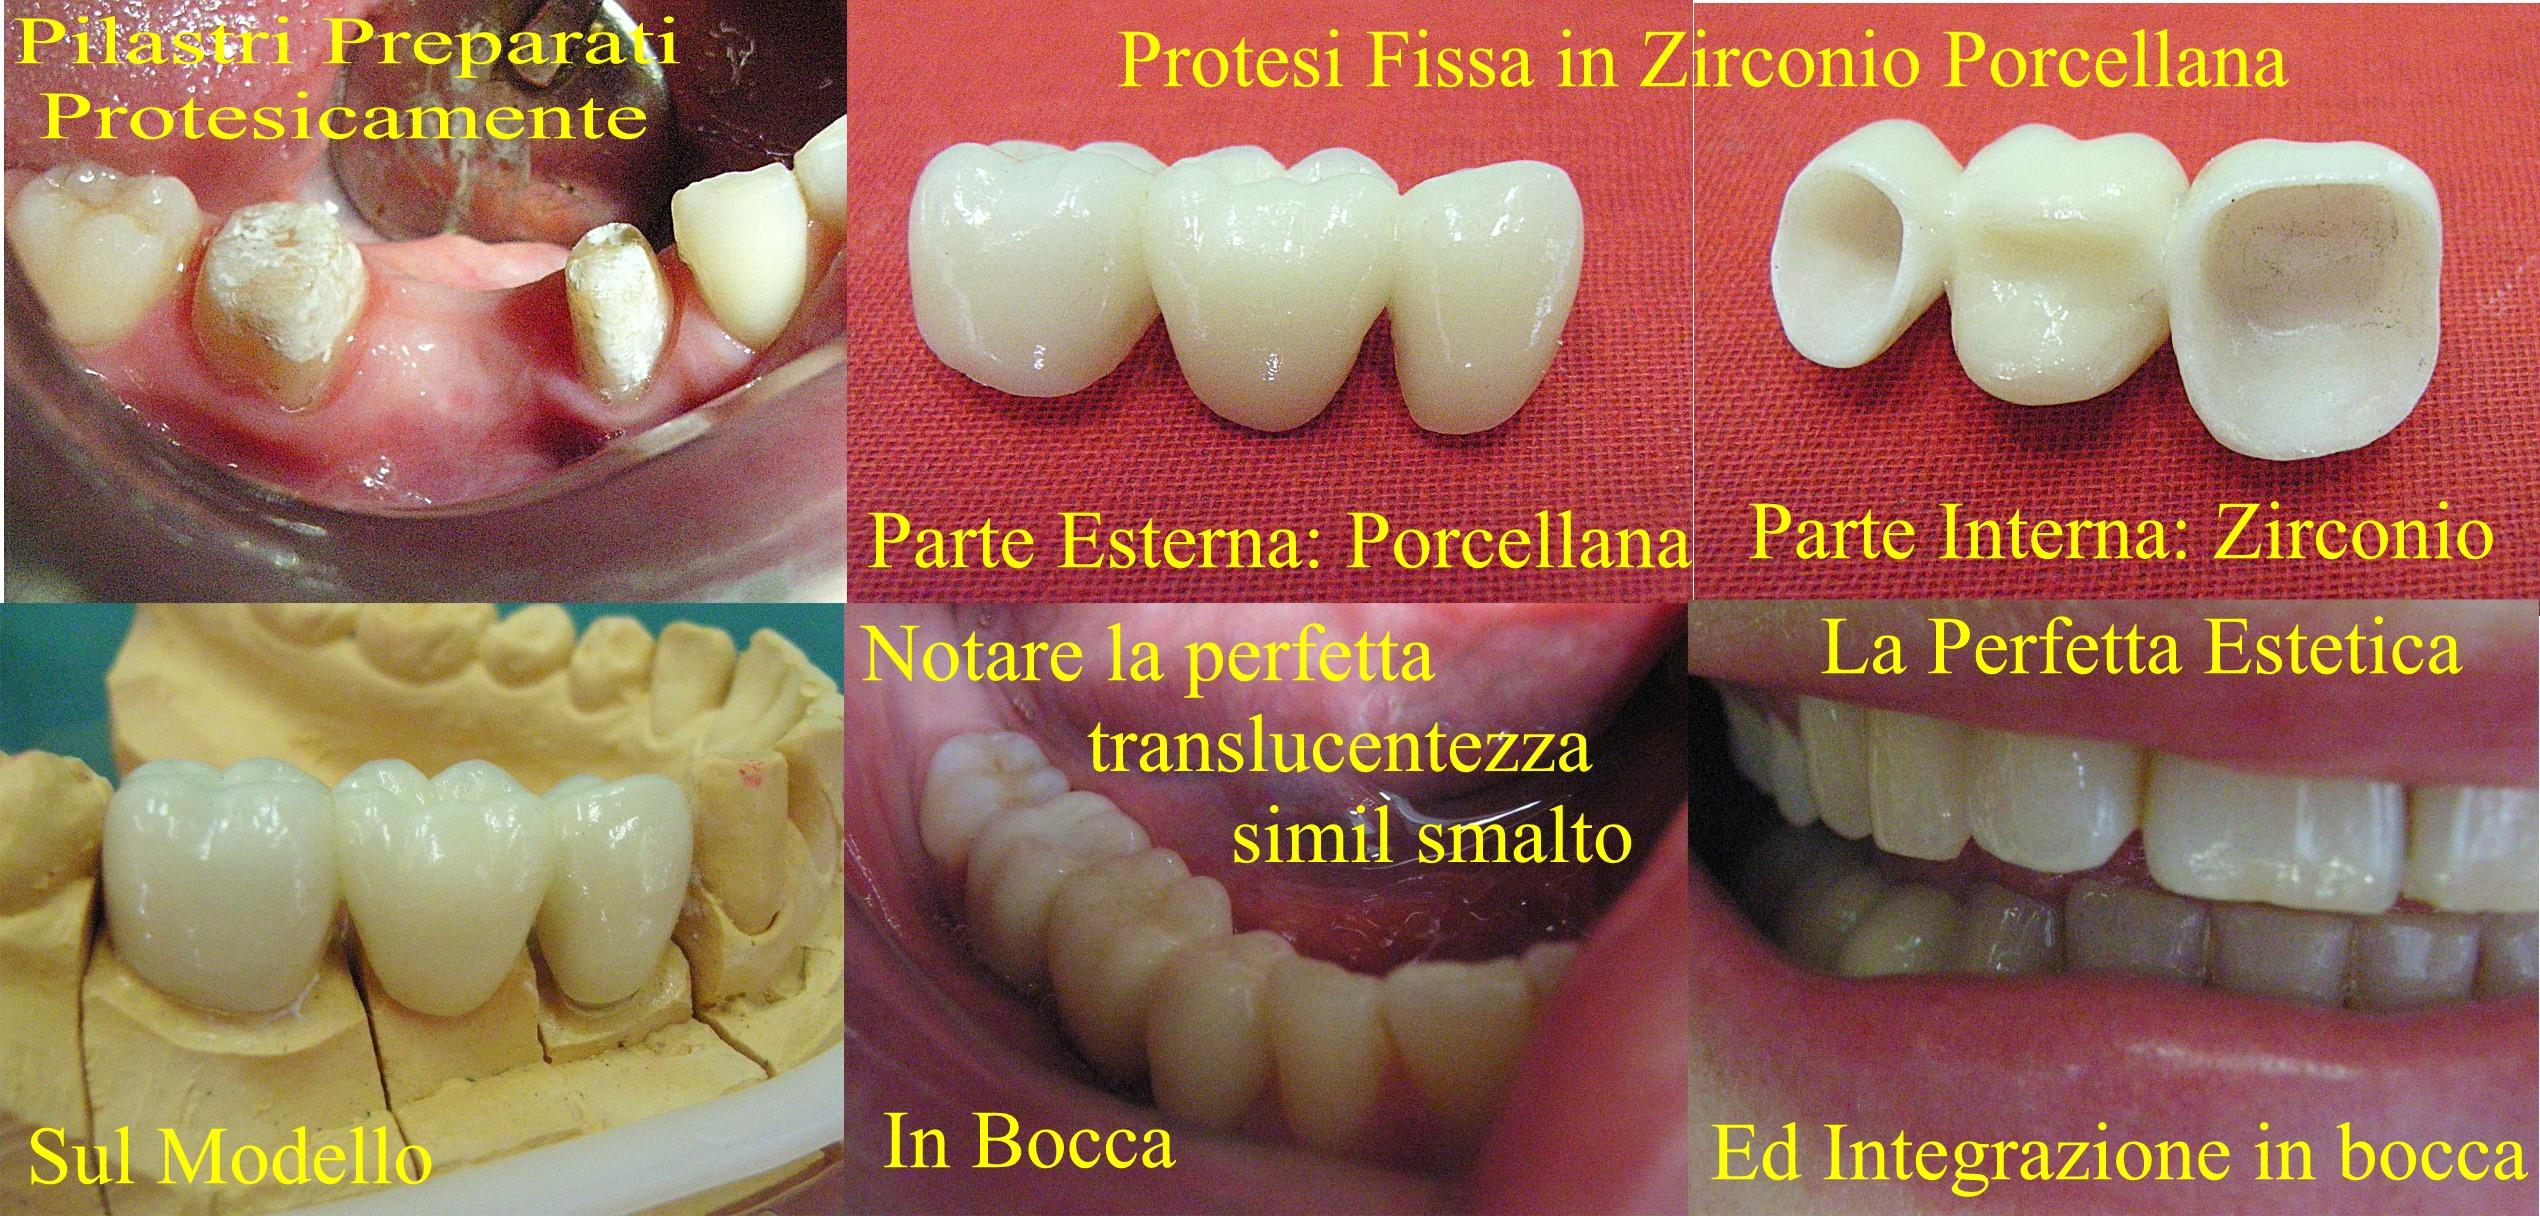 Protesi fissa in Zirconio Porcellana con tecnologia Cad Cam realizzata dalla Dottoressa Claudia Petti Odontoiatra Protesista di Cagliari